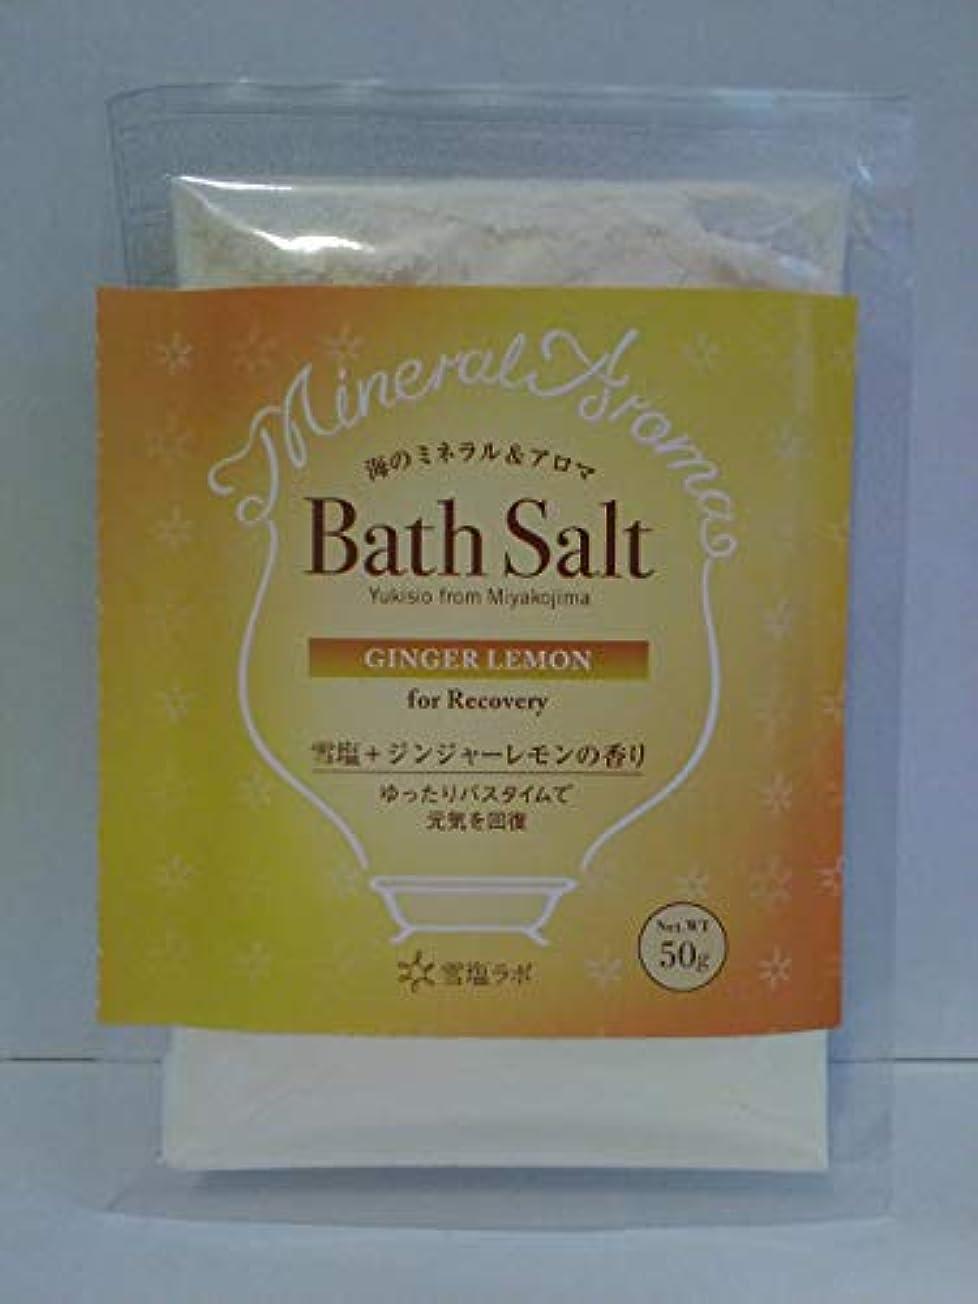 ペンス良い裂け目海のミネラル&アロマ Bath Salt 雪塩+ジンジャーレモンの香り